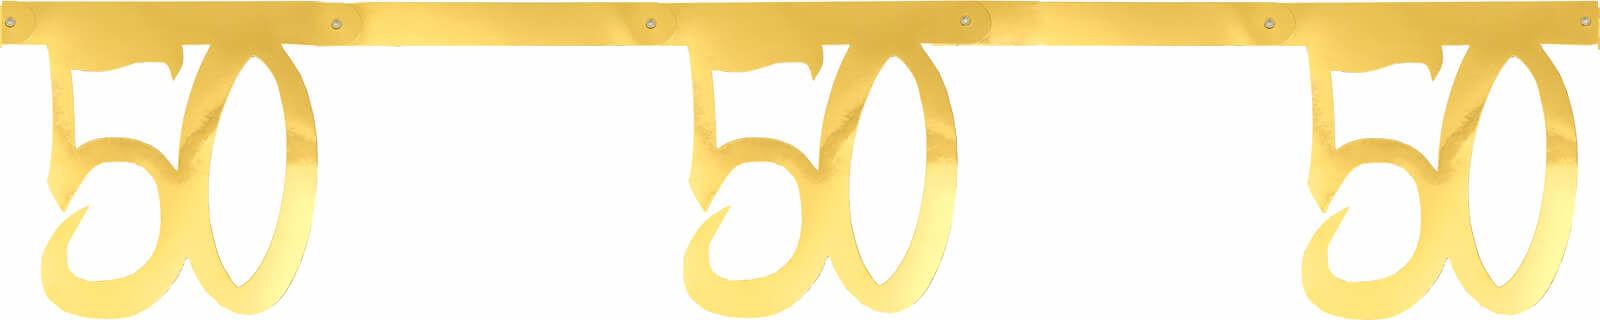 Girlanda na pięćdziesiąte urodziny złota - 250 cm - 1 szt.